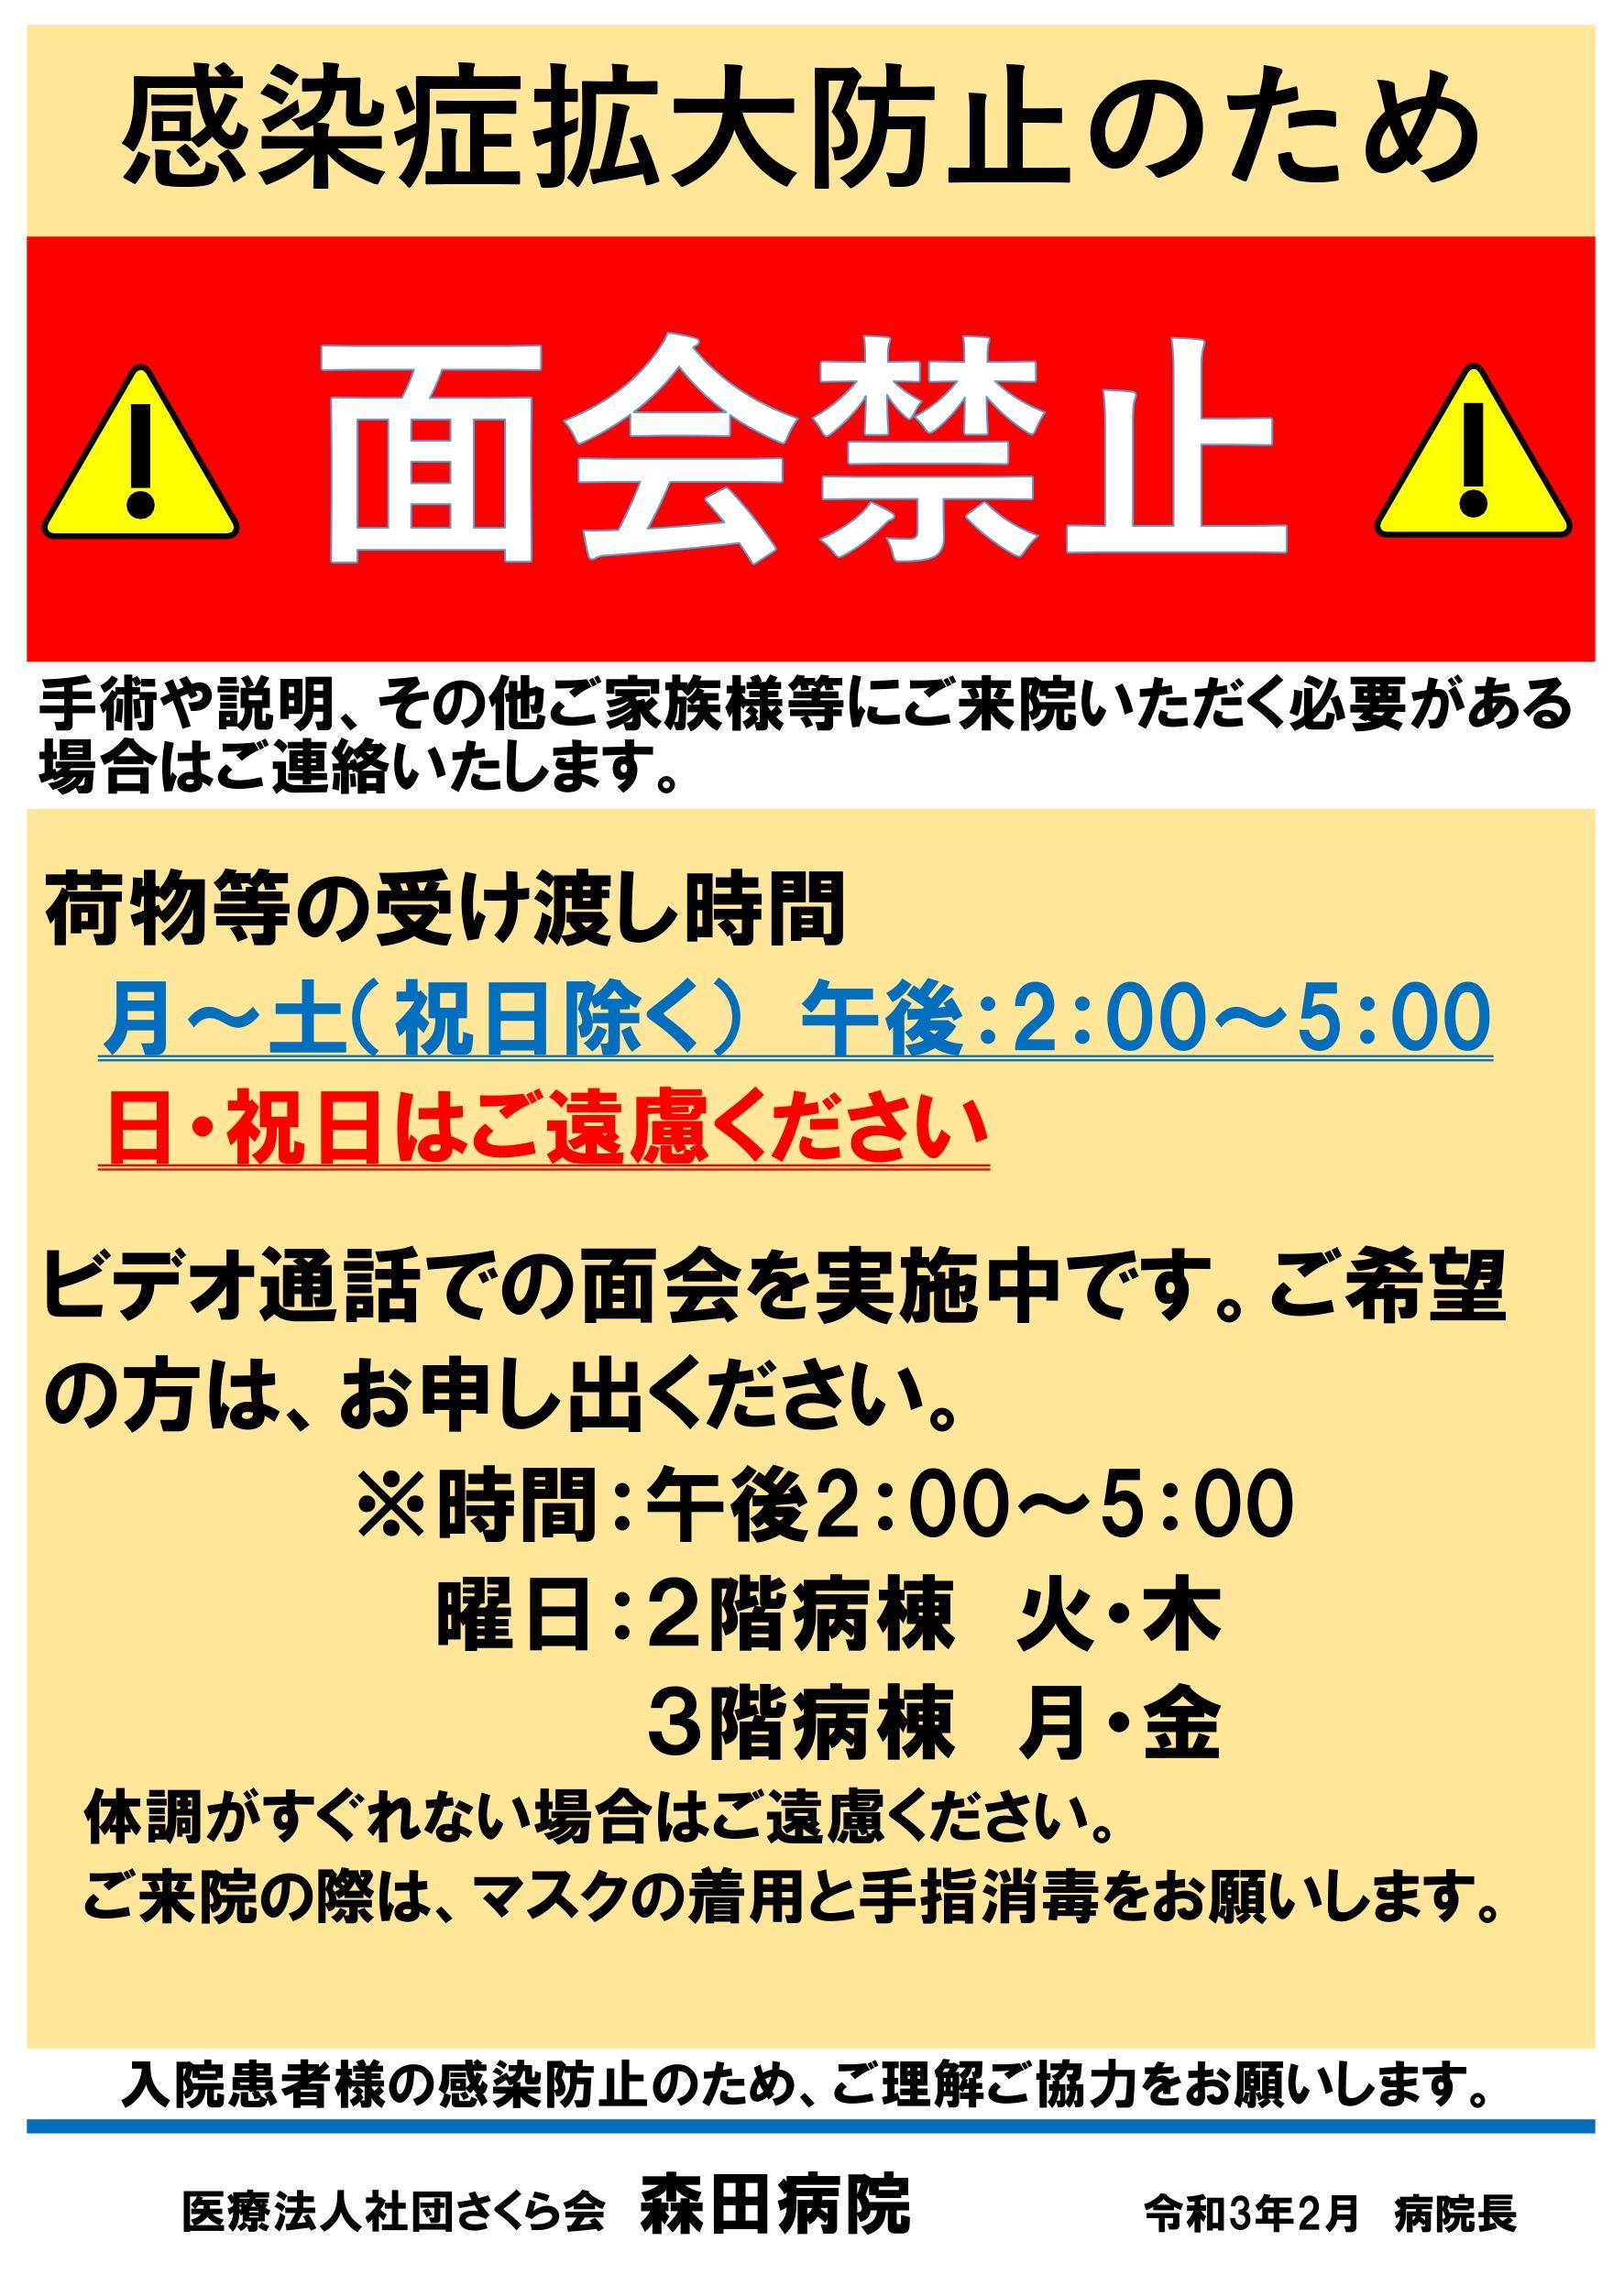 石川 県 小松 市 コロナ 県内の最新感染動向 石川県 新型コロナウイルス感染症対策サイト